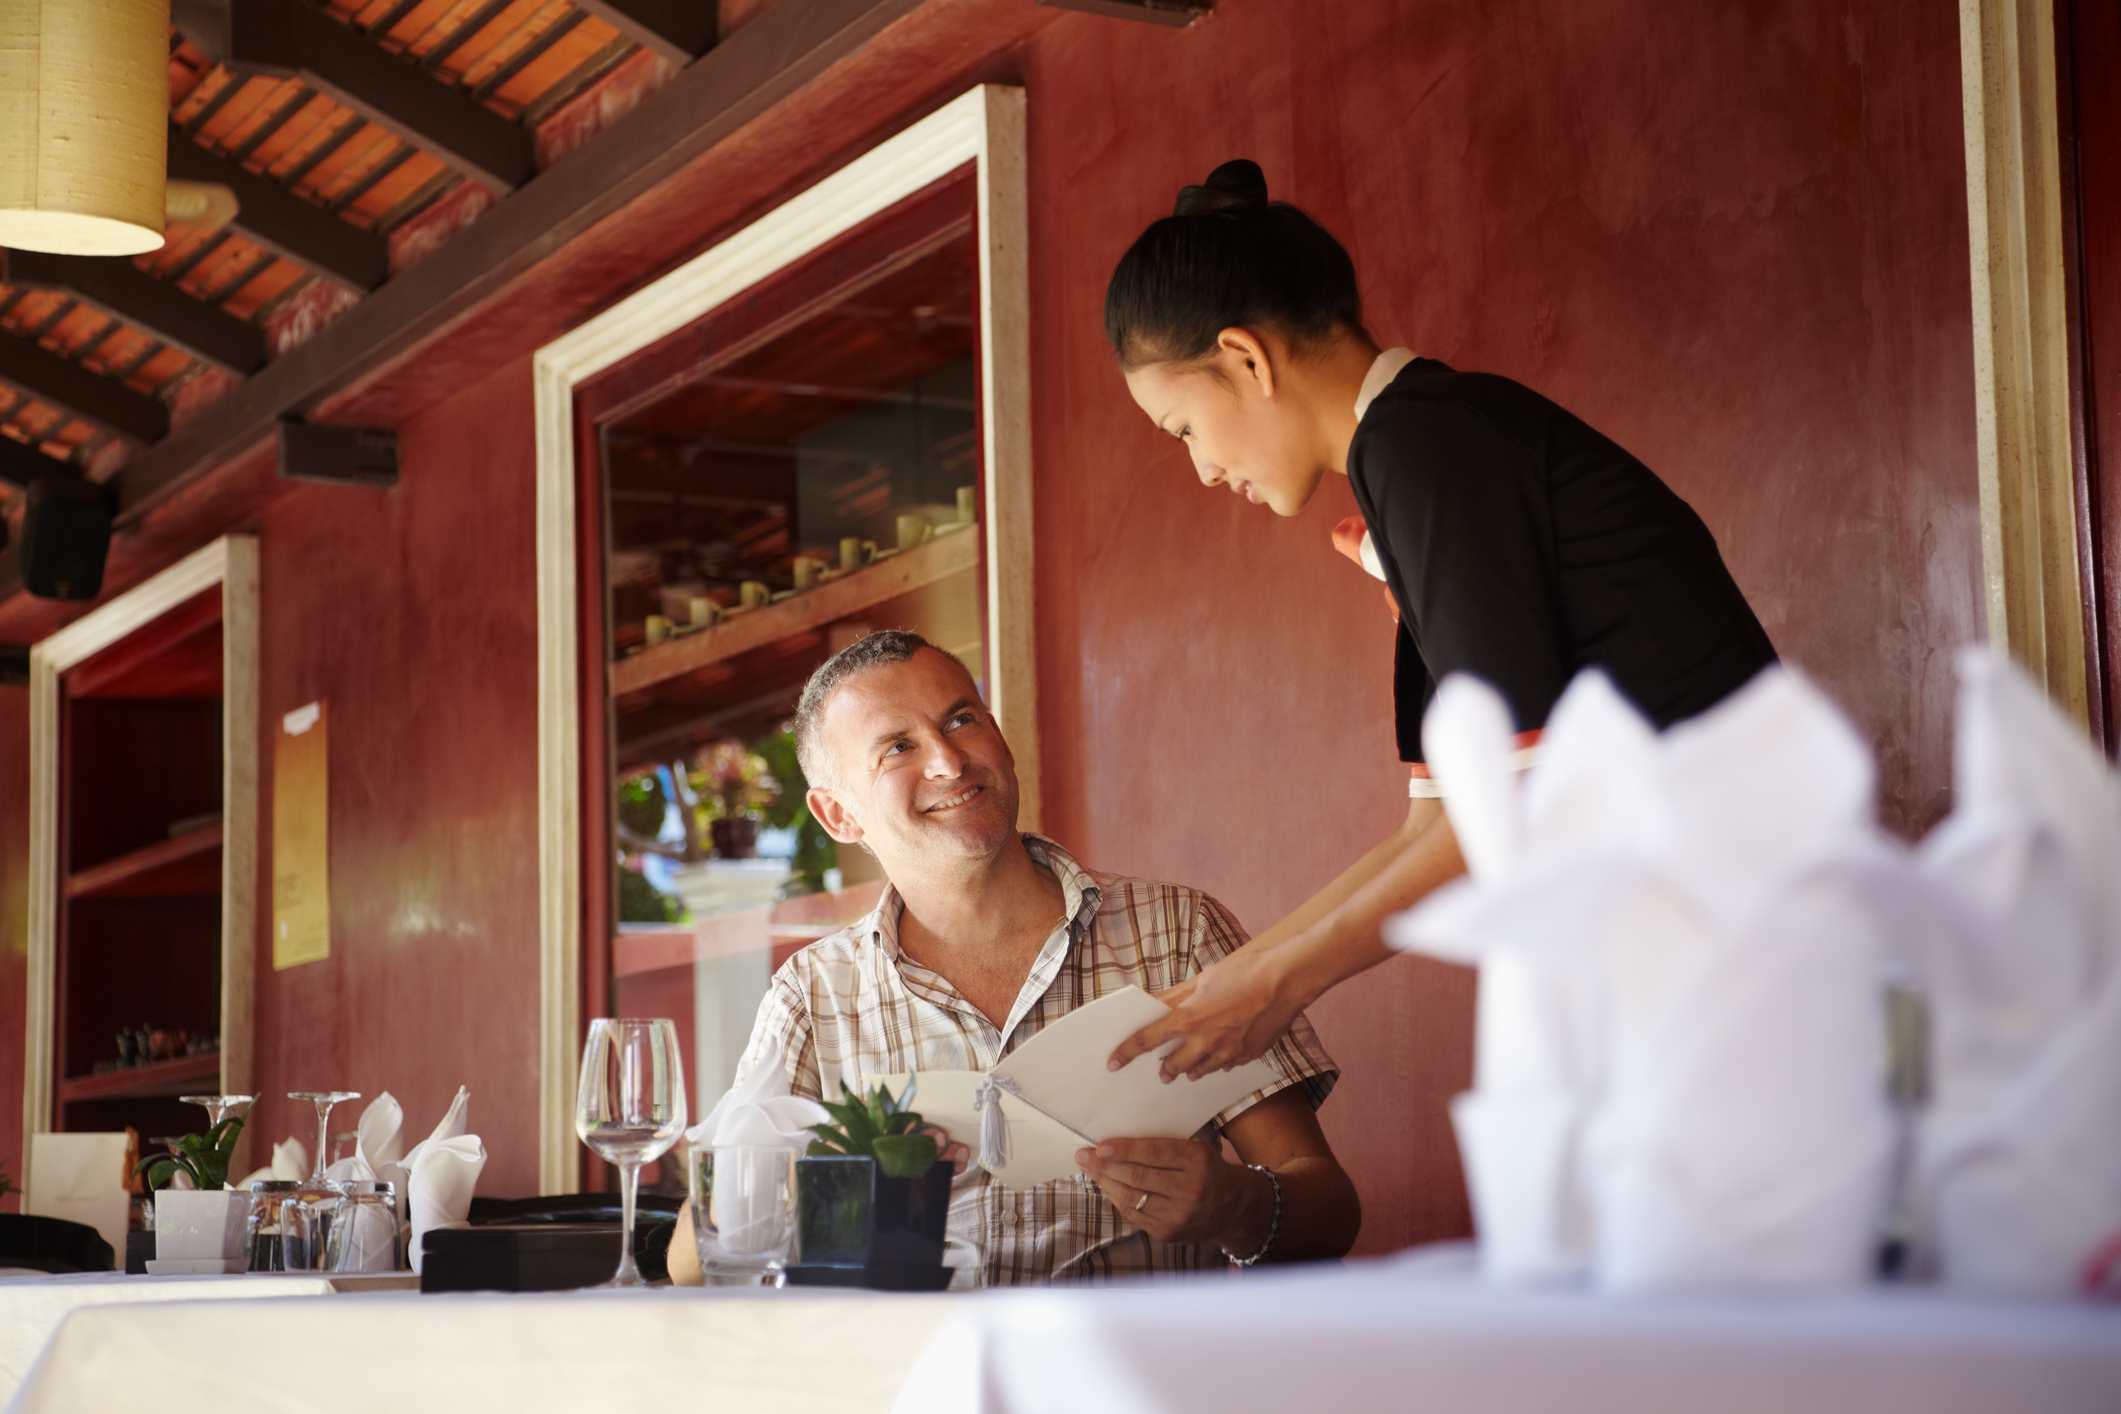 Camarera hablando con el cliente en el restaurante